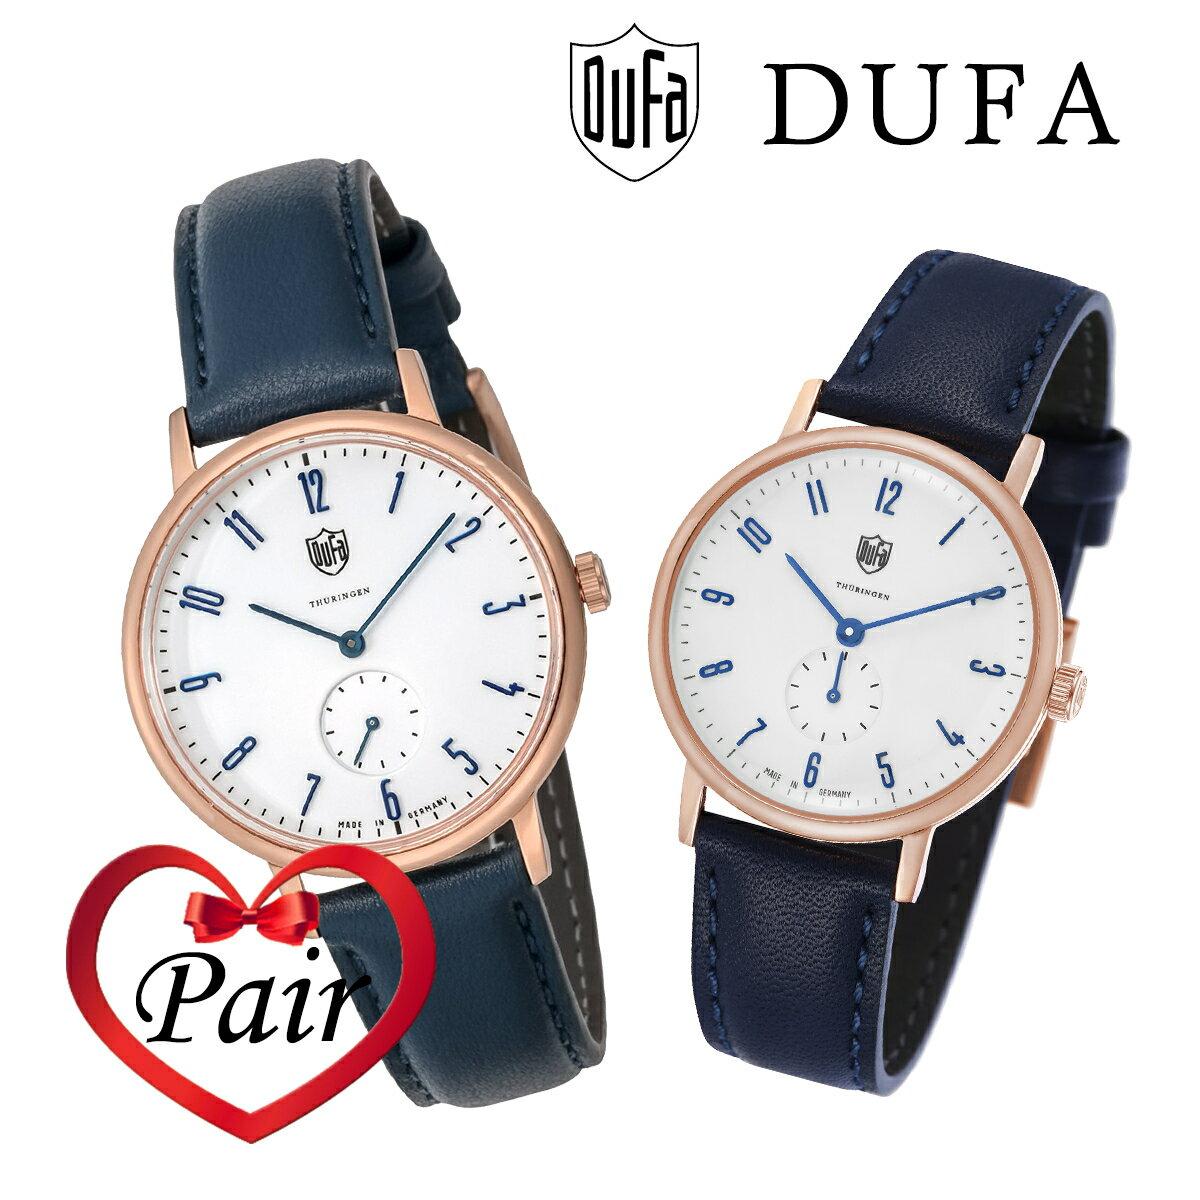 DUFA ドゥッファ ペアウォッチ DF-7001-0L DF-9001-0L プレゼント 贈り物 腕時計 [人気][流行][ブランド][ギフト][プレゼント][あす楽][送料無料][海外正規商品]